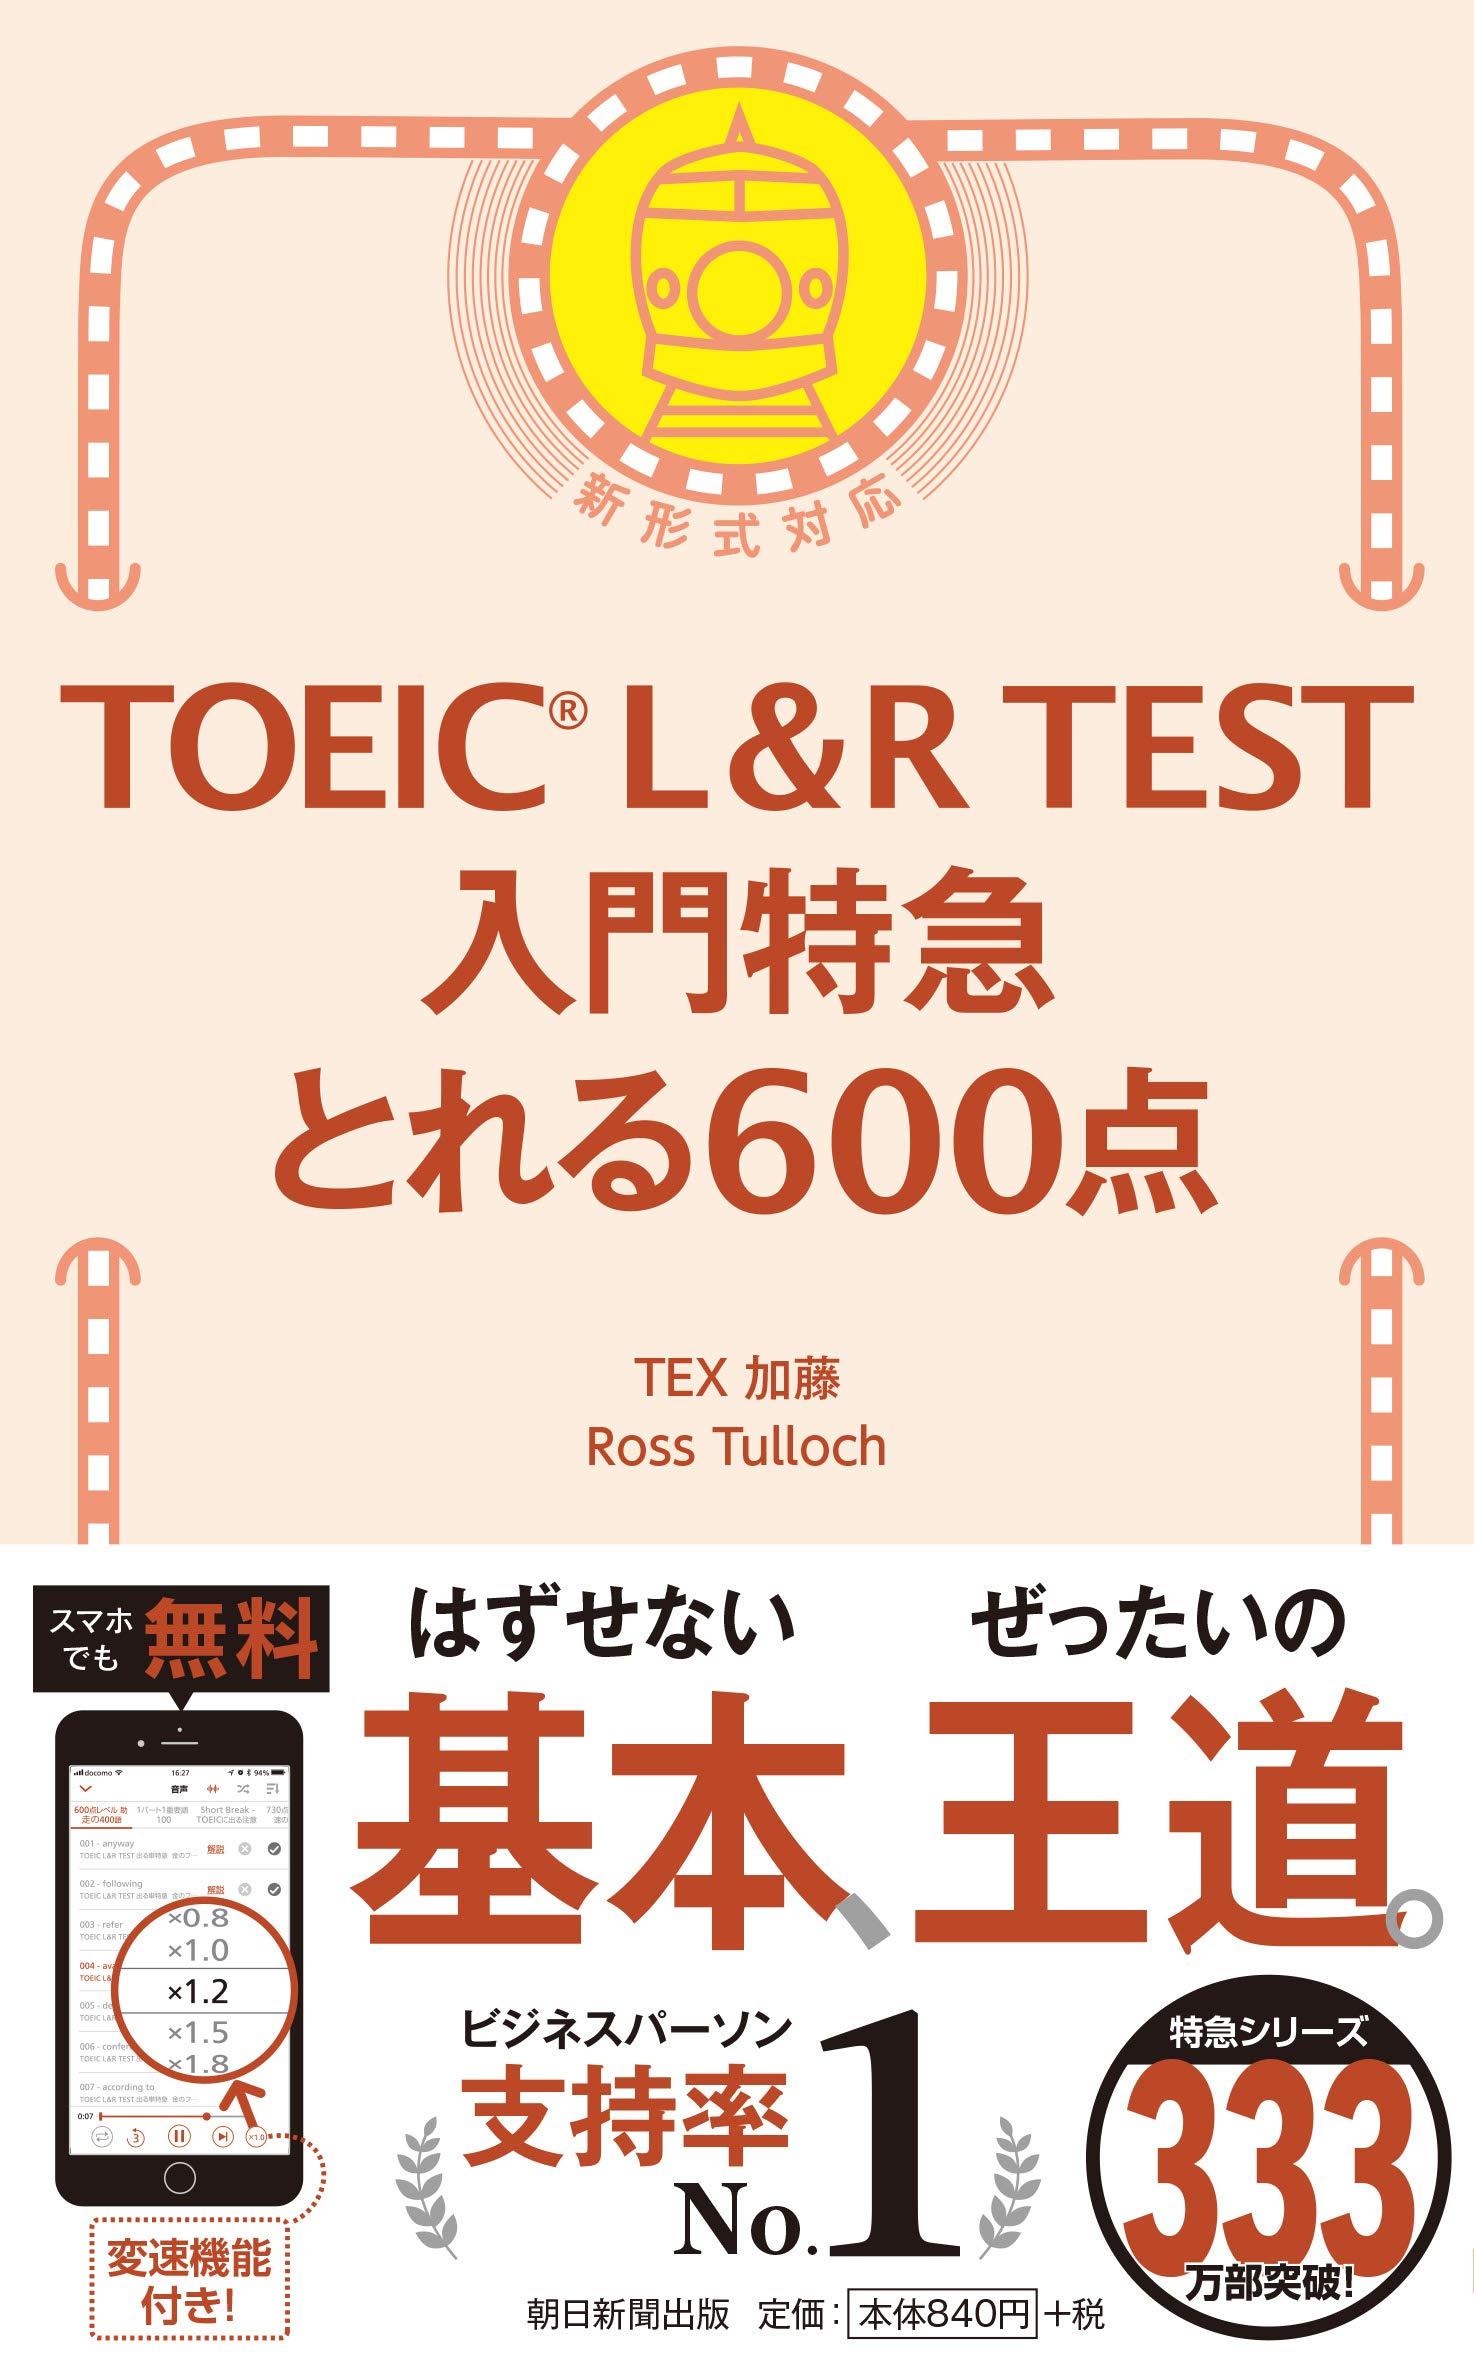 TOEIC600点以上取得向けの参考書おすすめ10選